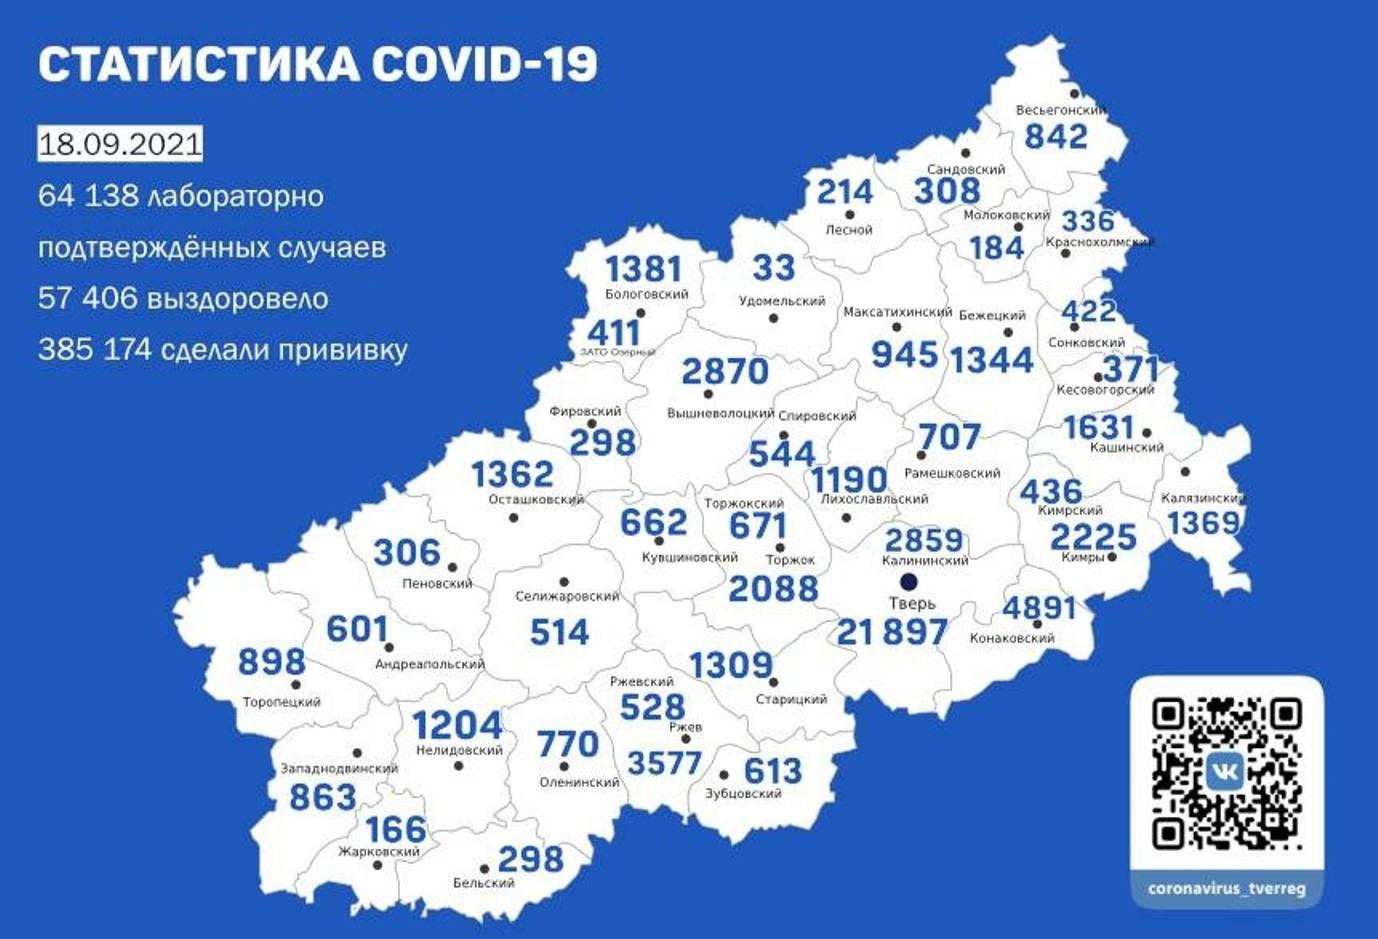 В Твери +88 зараженных. Карта коронавируса в Тверской области за 18 сентября